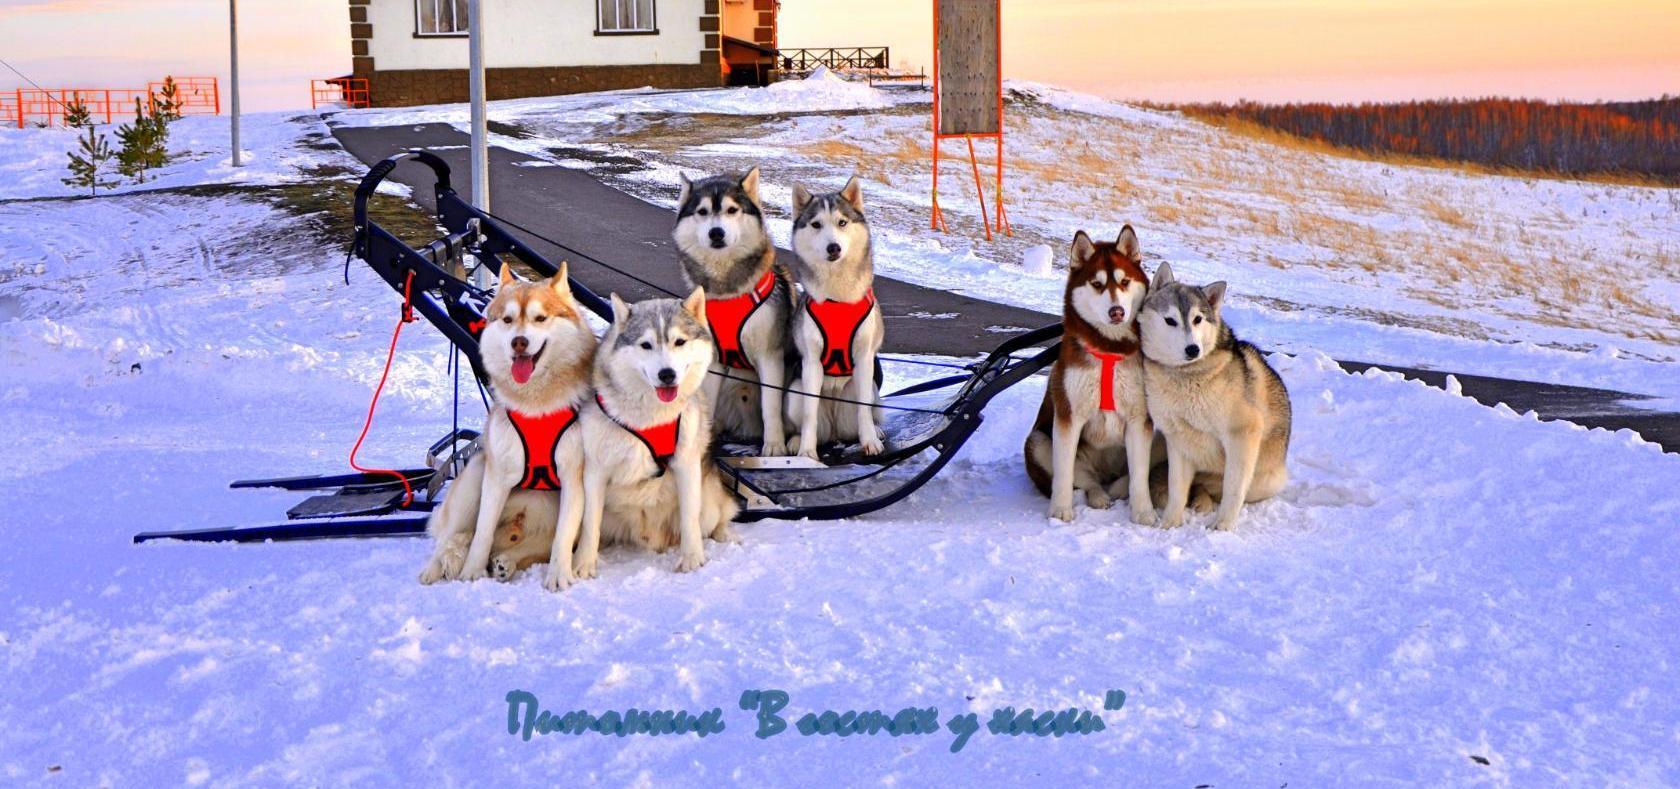 Шлейка Ездовая своими руками Dogs Еxclusive ВКонтакте 55